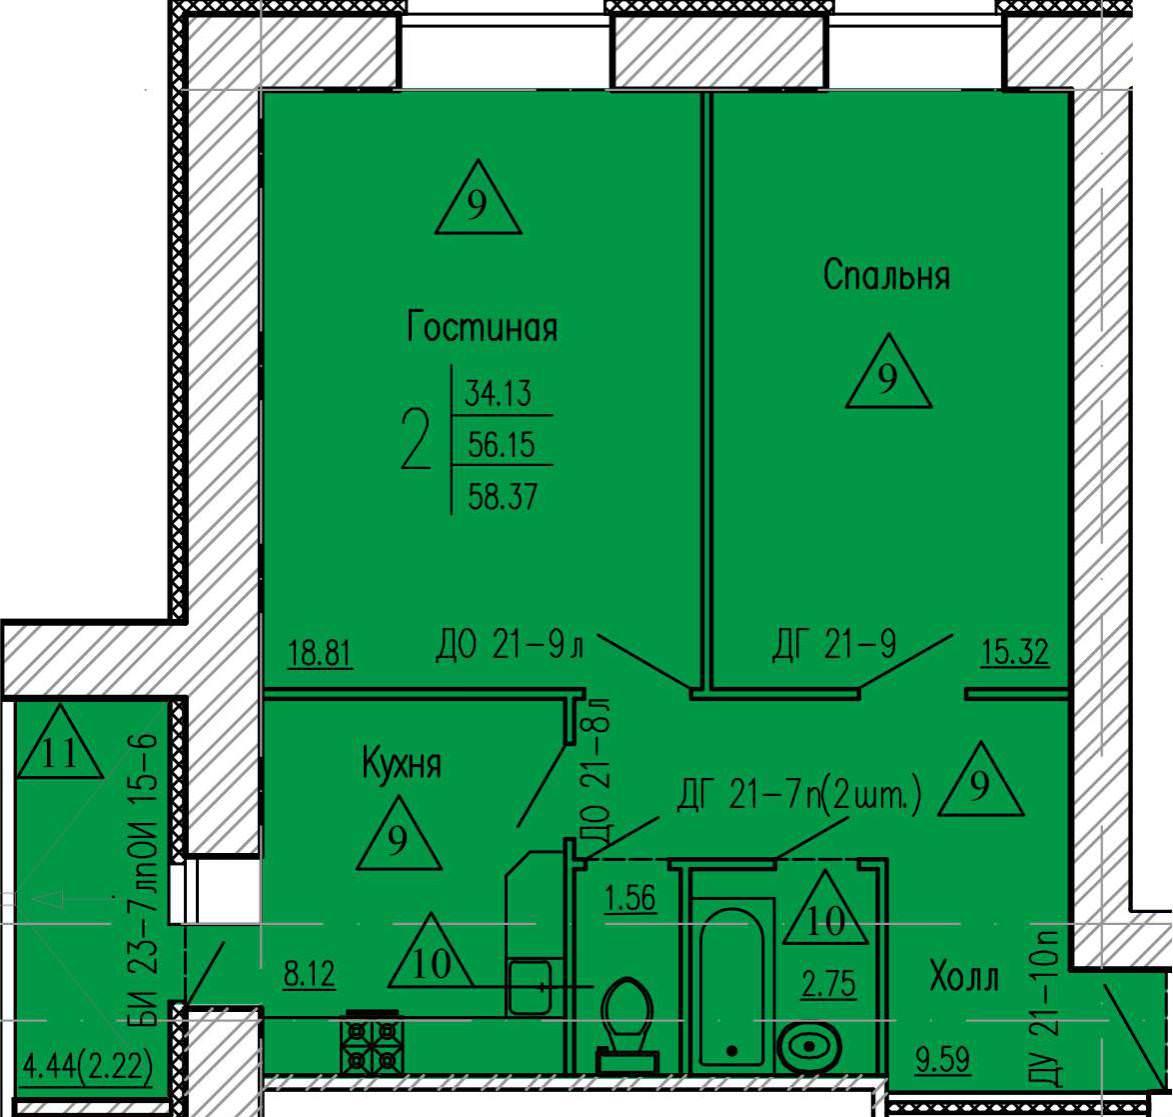 2-комнатная квартира 58.37 м² с просторным холлом